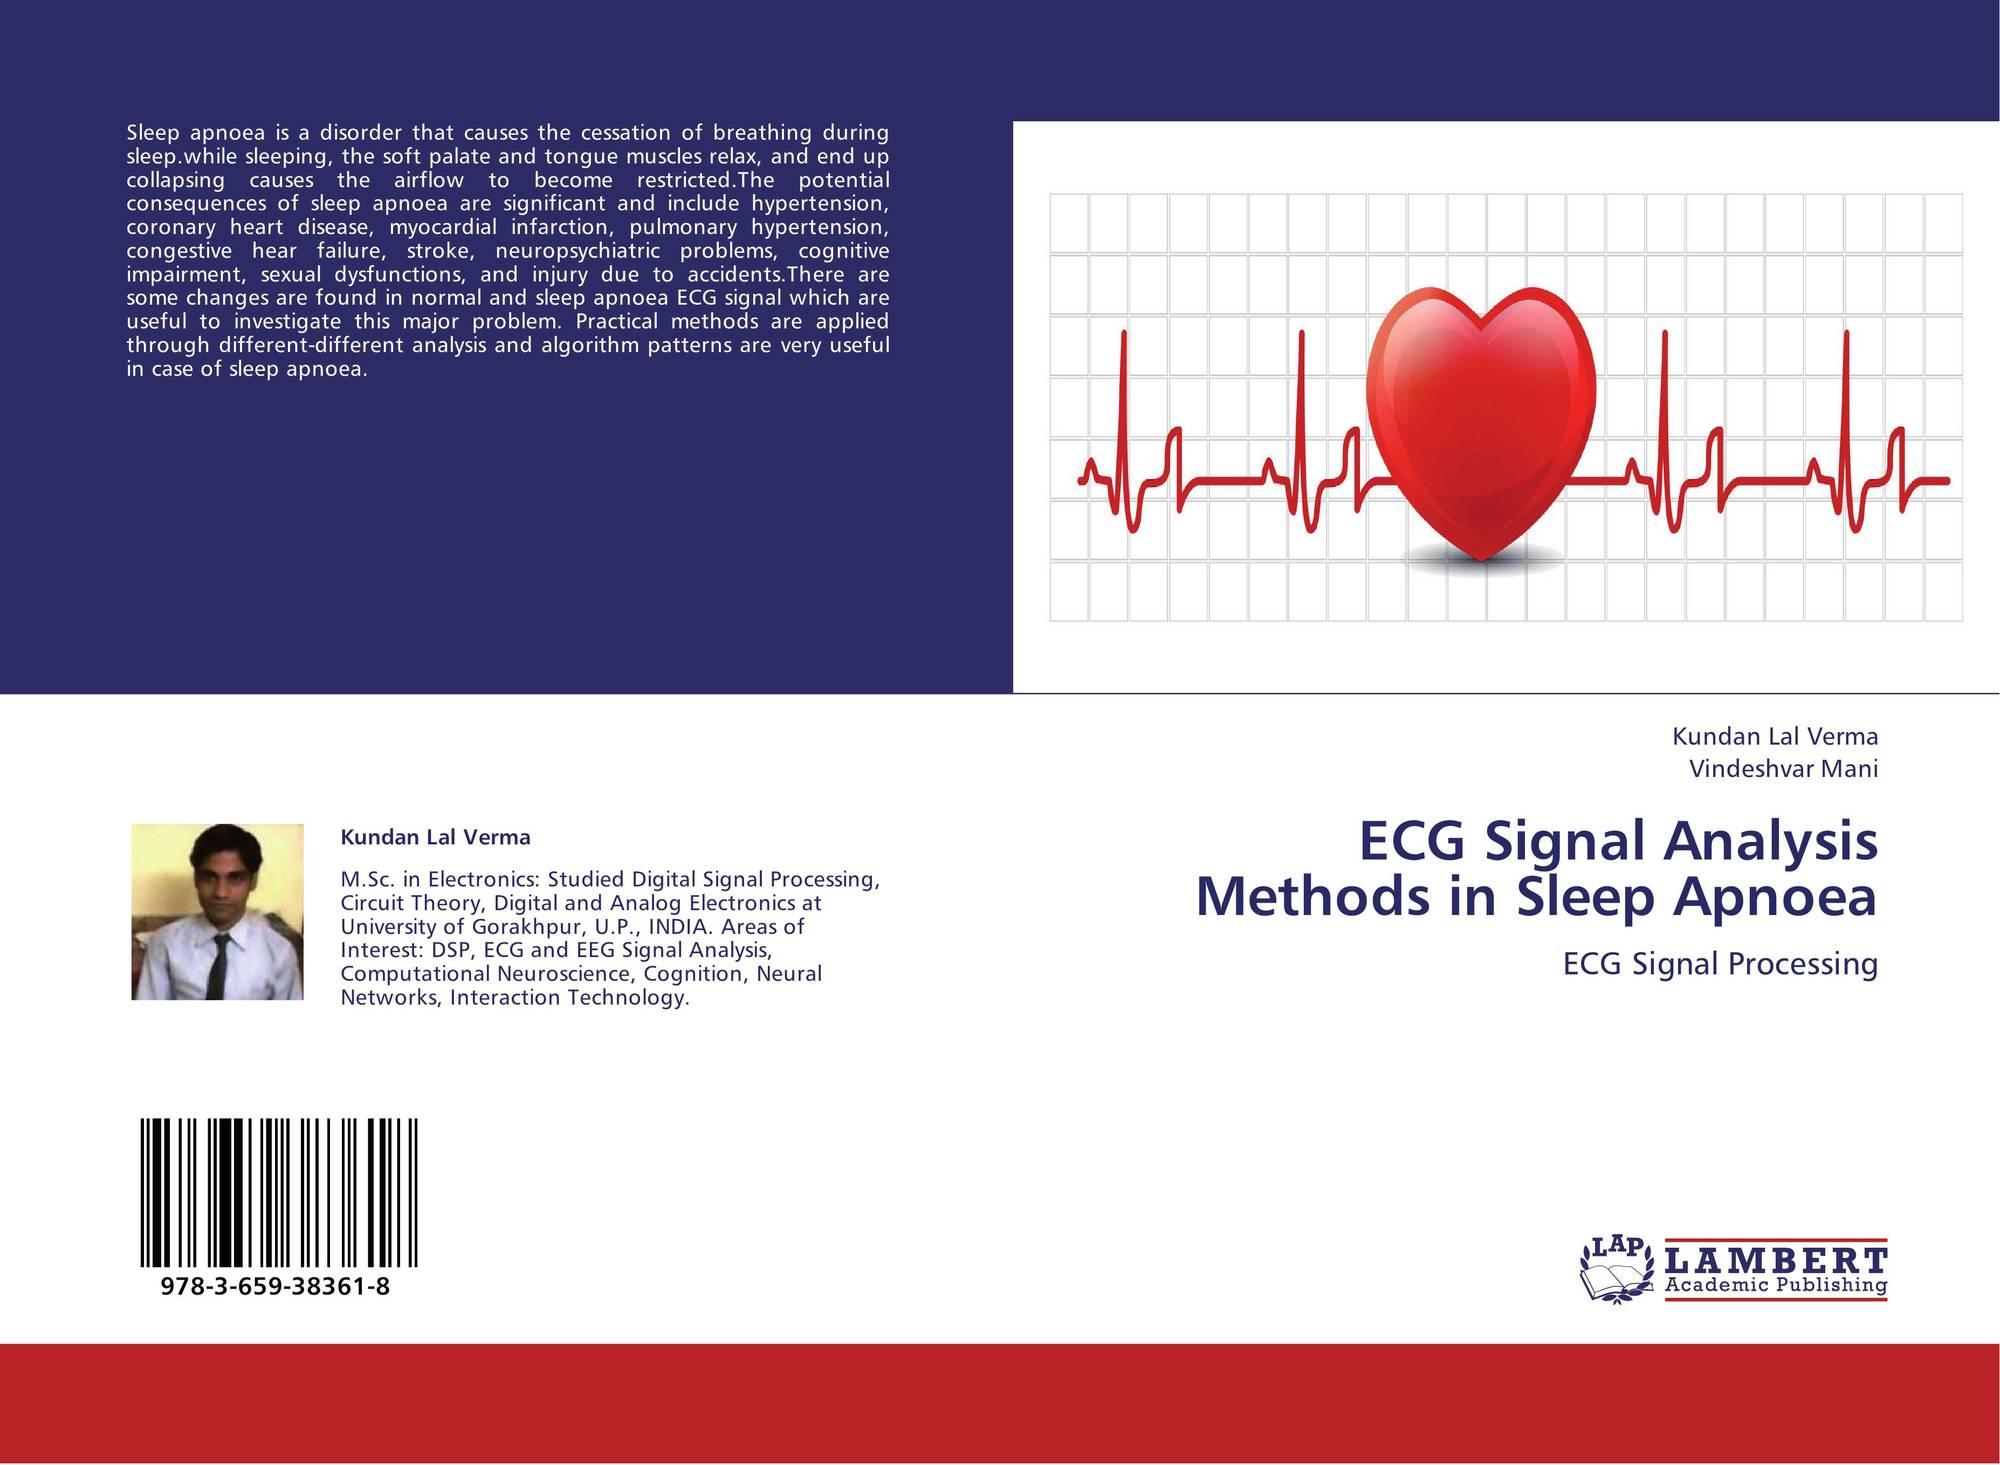 ECG Signal Analysis Methods in Sleep Apnoea, 978-3-659-38361-8